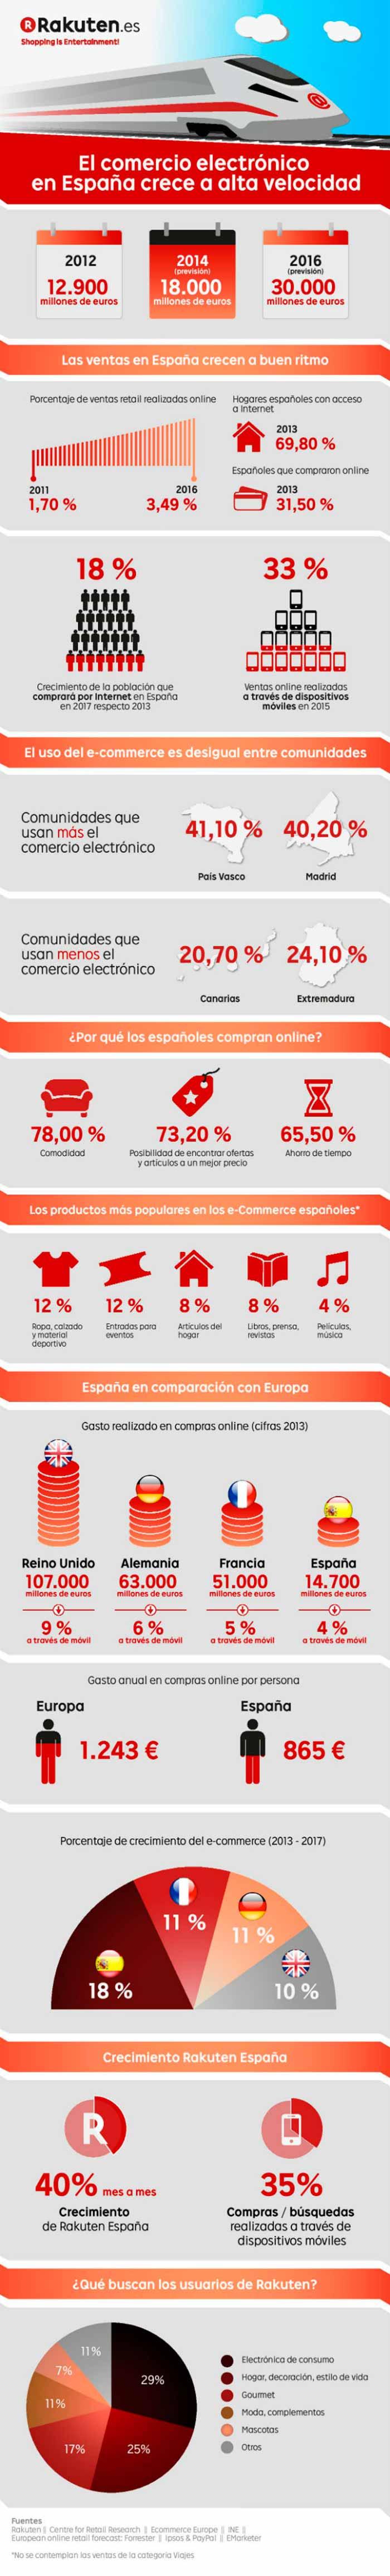 Infografia sobre el crecimiento del comercio electronico en España